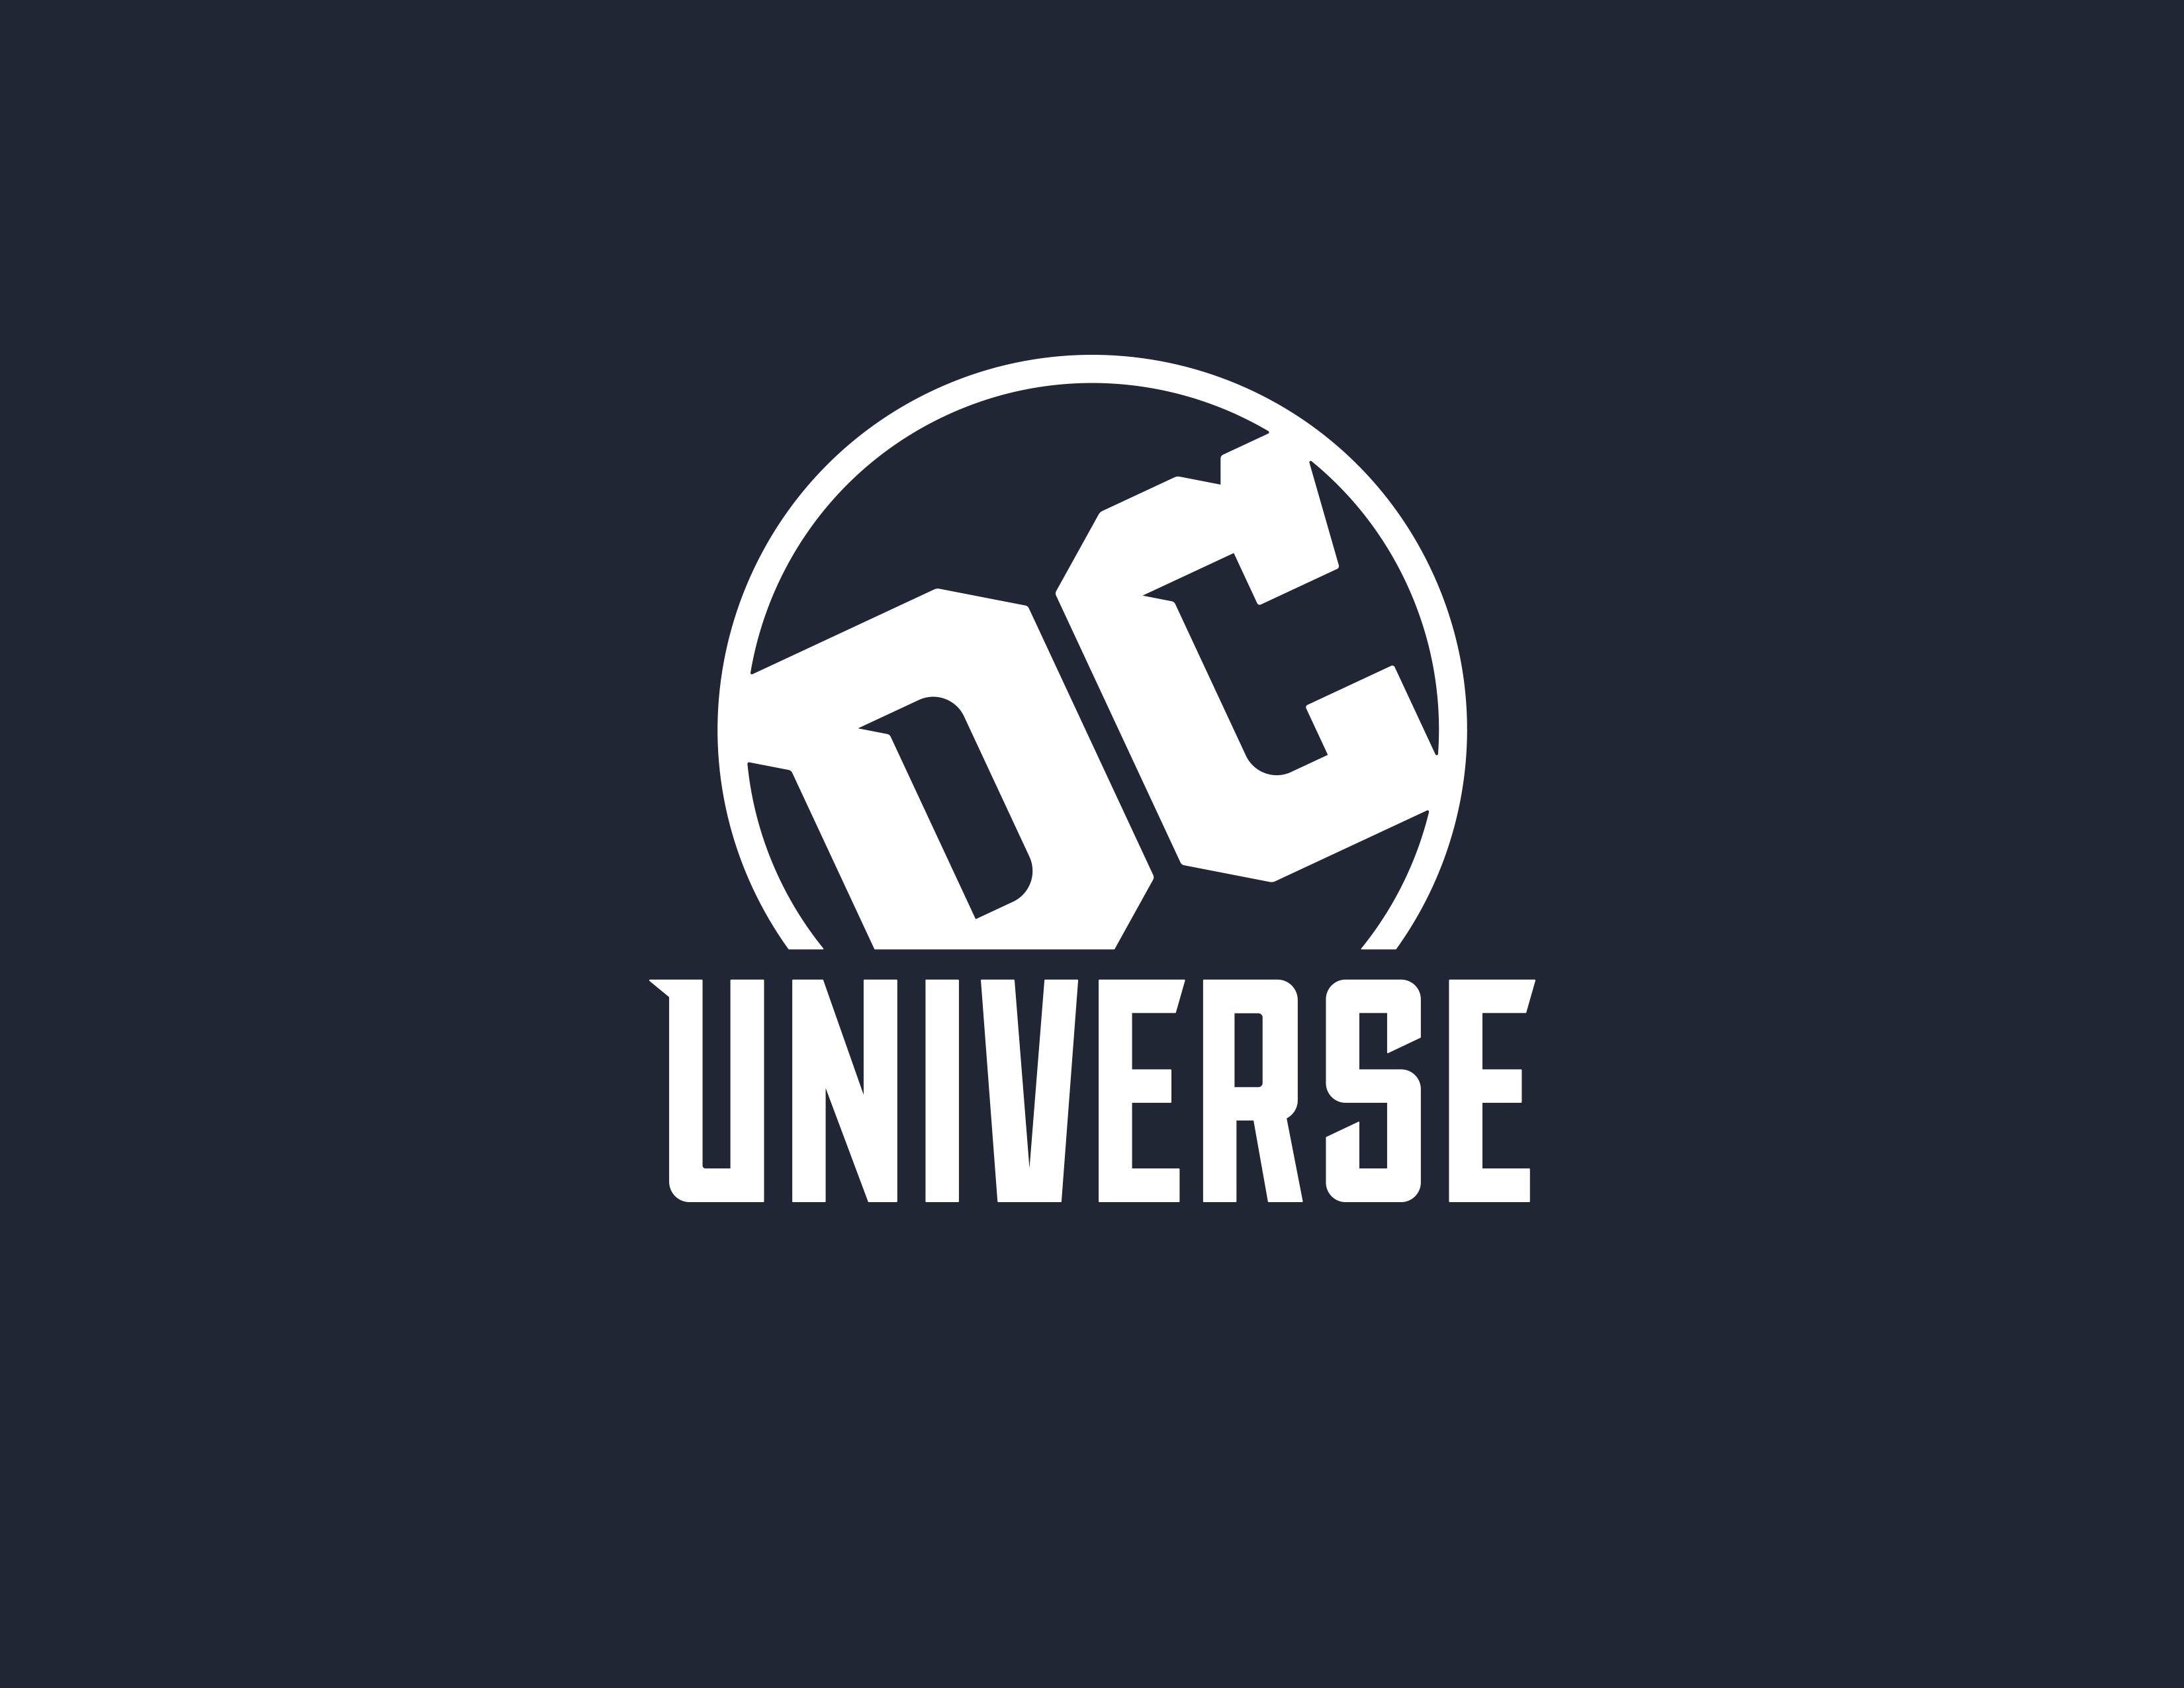 DC-UNIVERSE-LOGO1